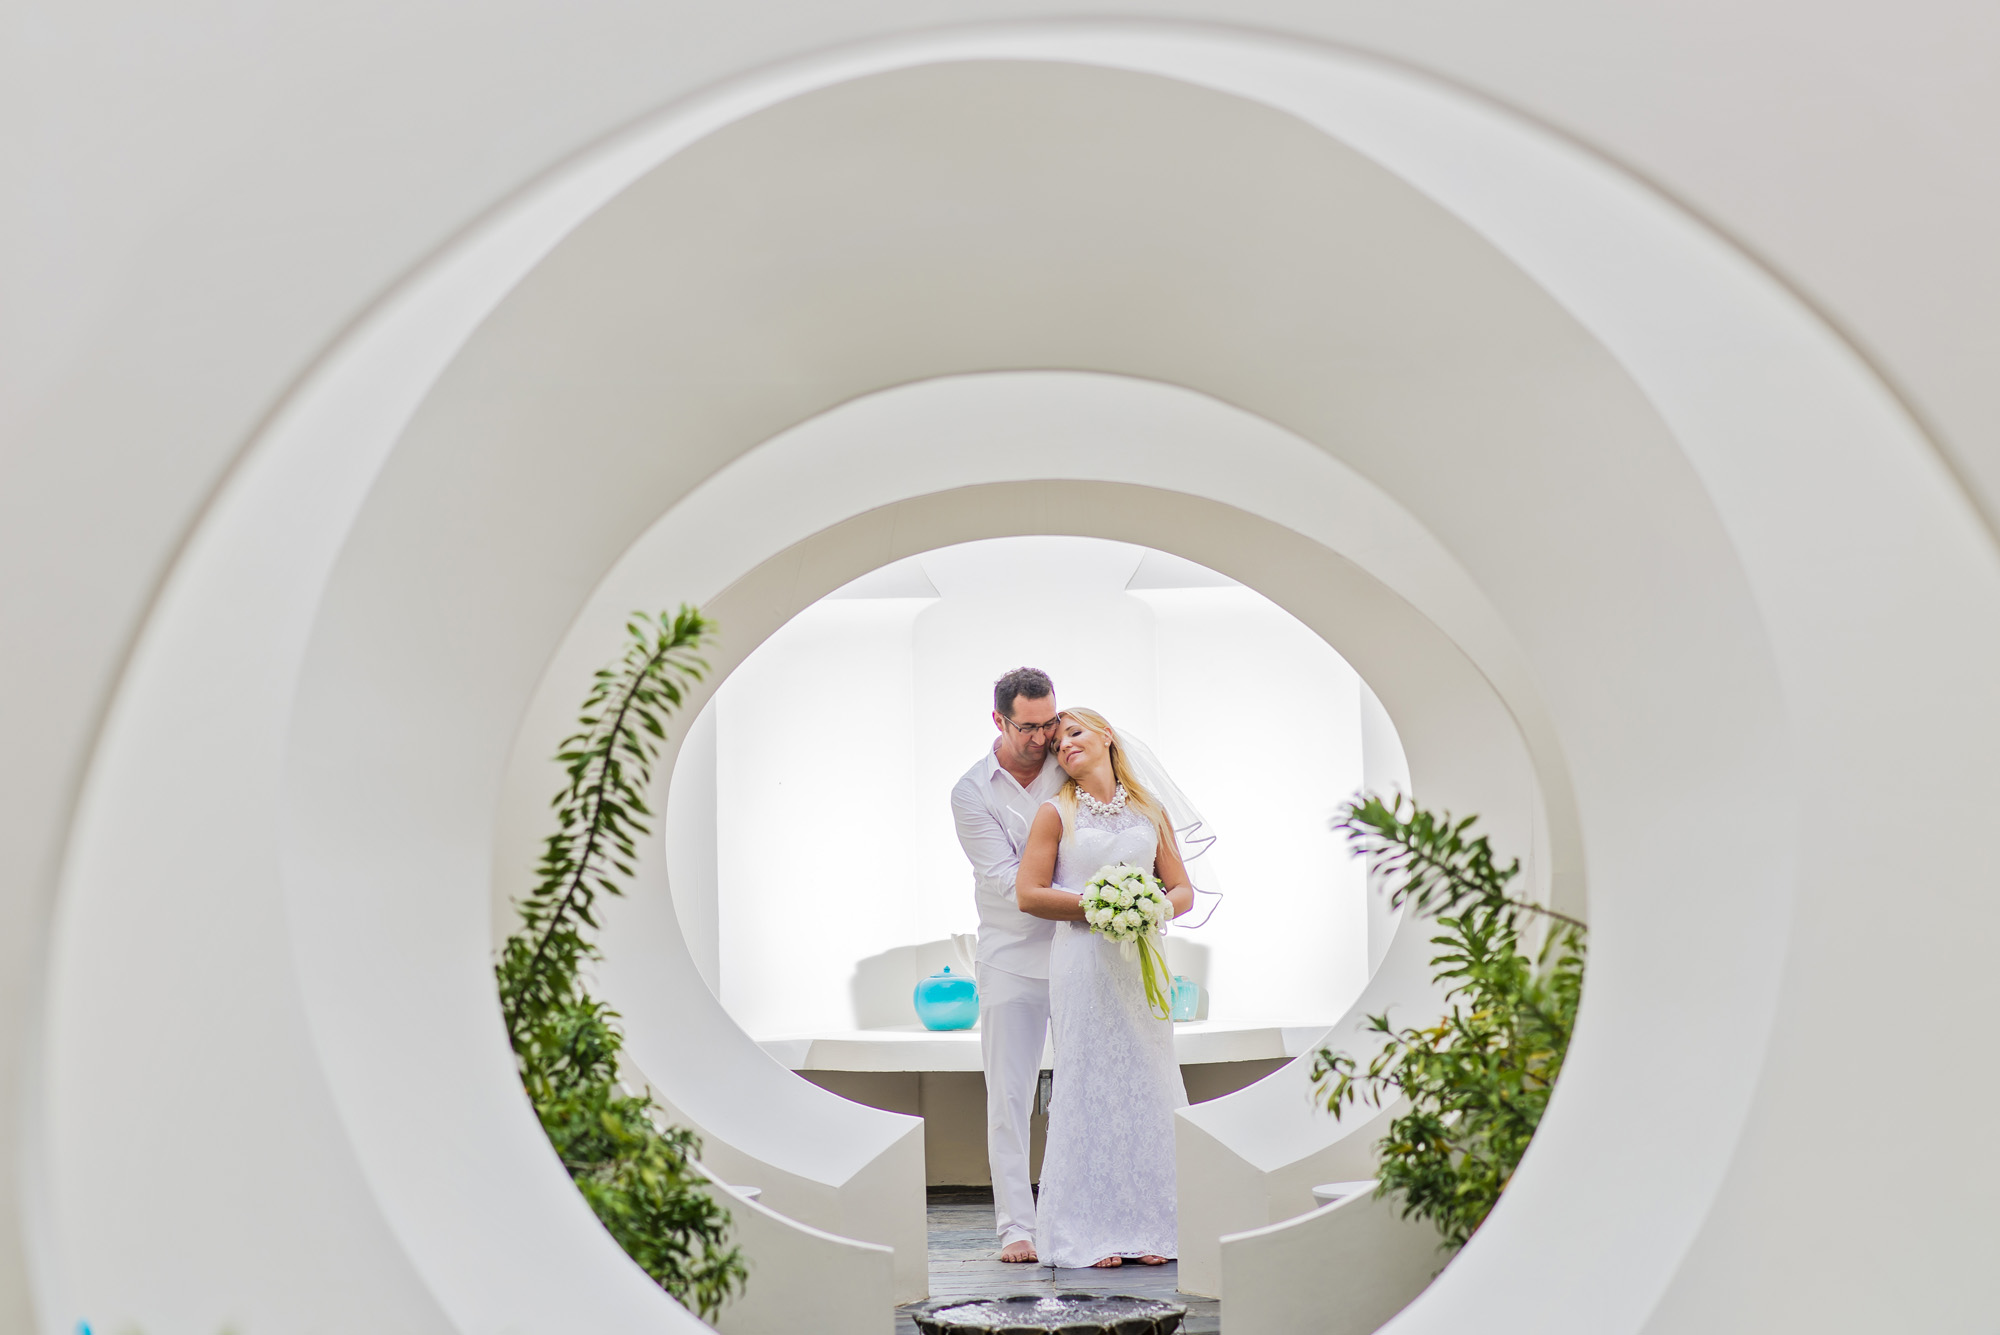 Wedding Sofitel - 12-05-16-49.jpg